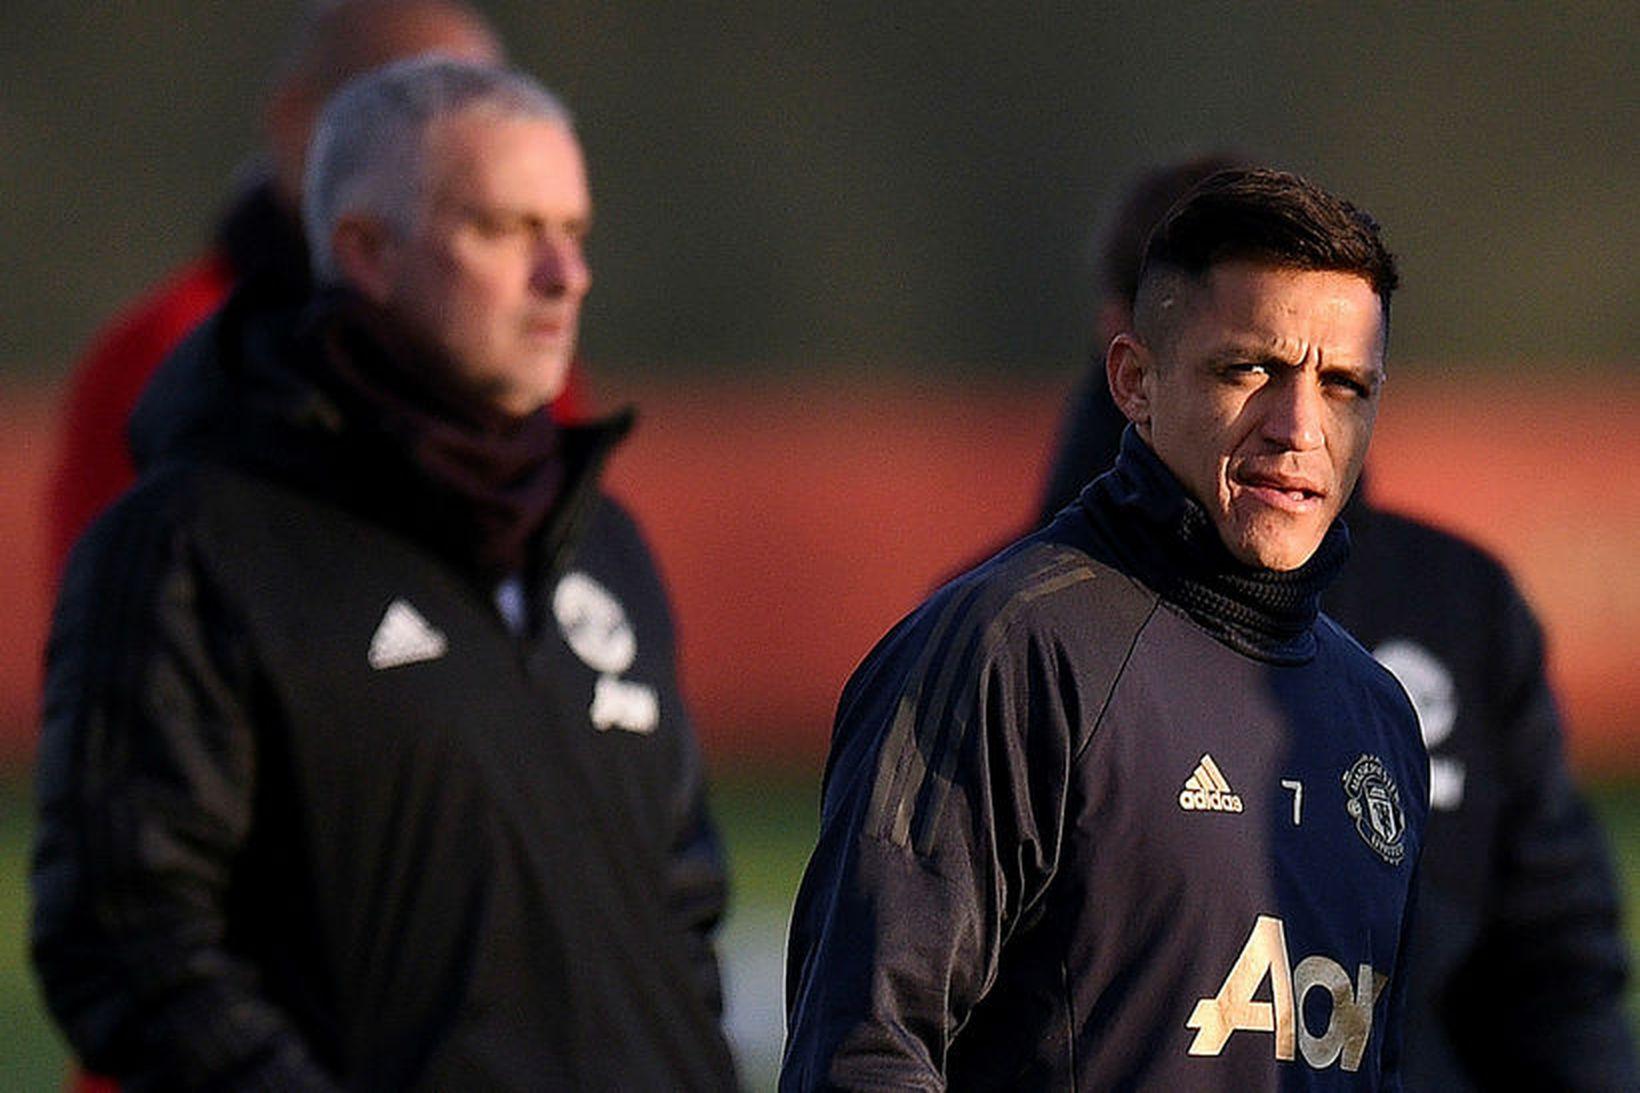 Alexis Sánchez og José Mourinho unnu saman hjá Manchester United …